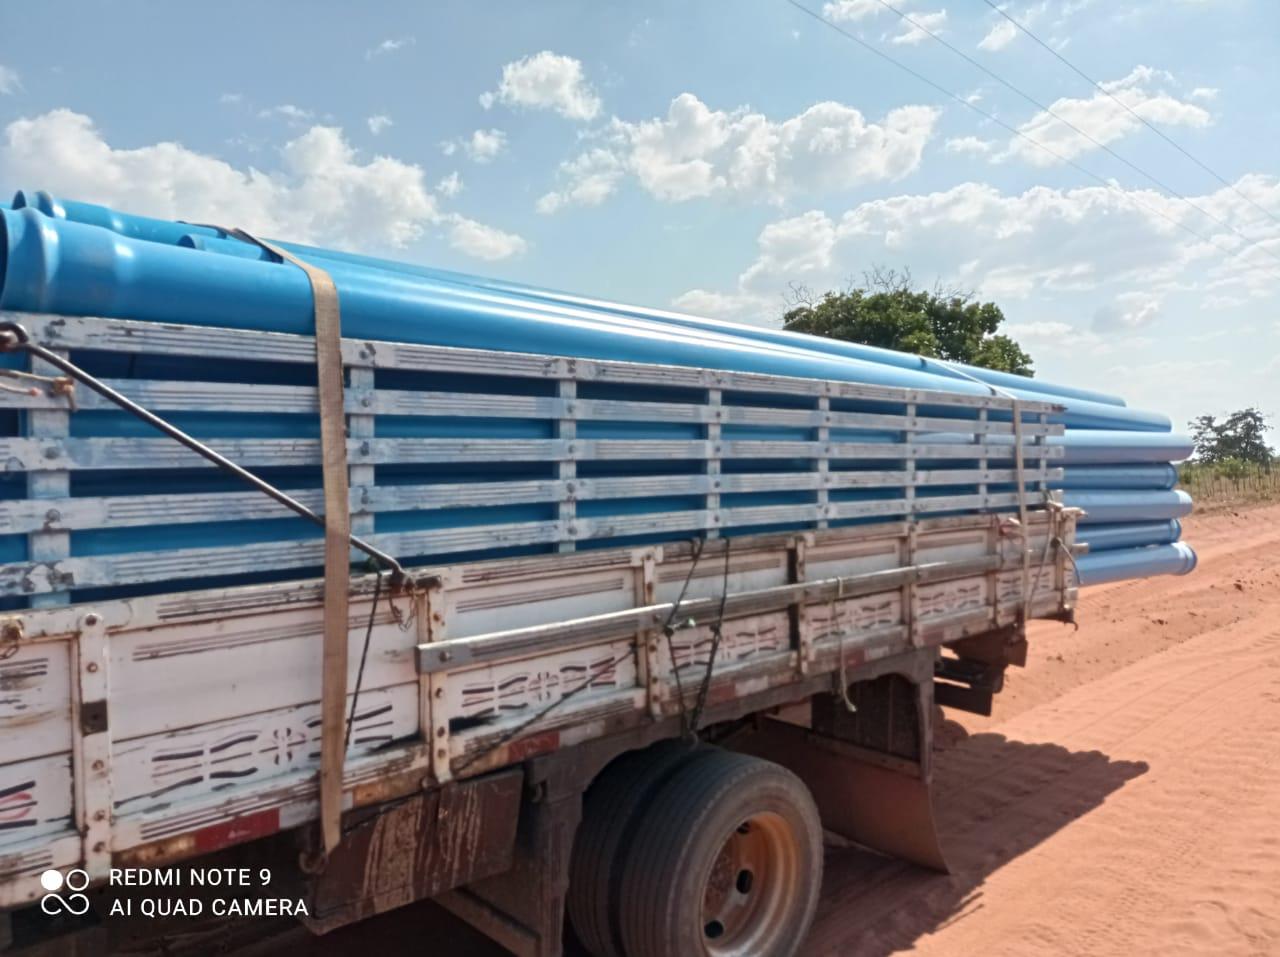 (Português do Brasil) Echoenergia doa 100 mil reais para compra de dutos para abastecimento hídrico em Serra do Mel